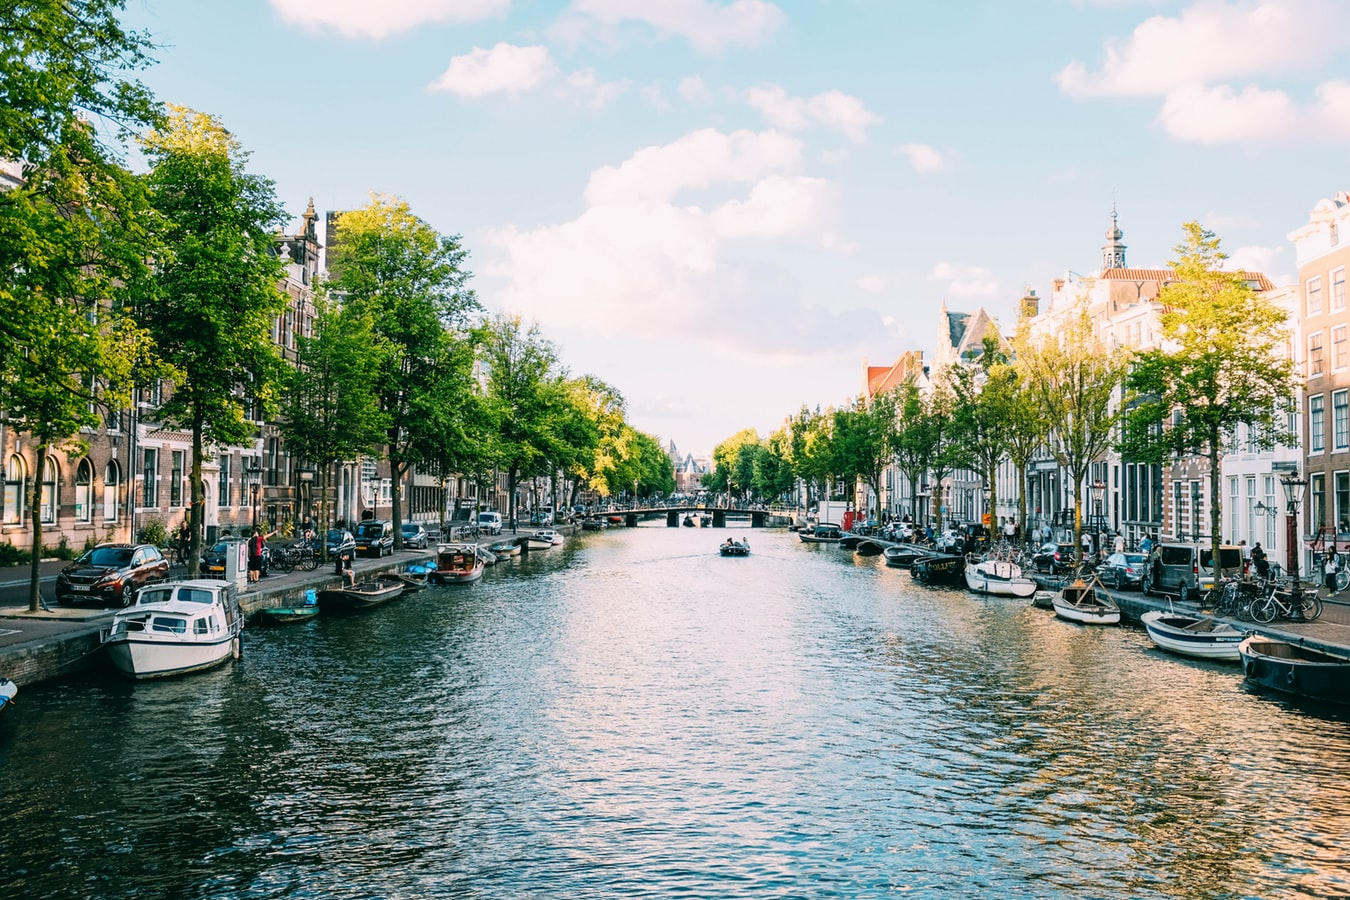 аренда лодки в амстердаме